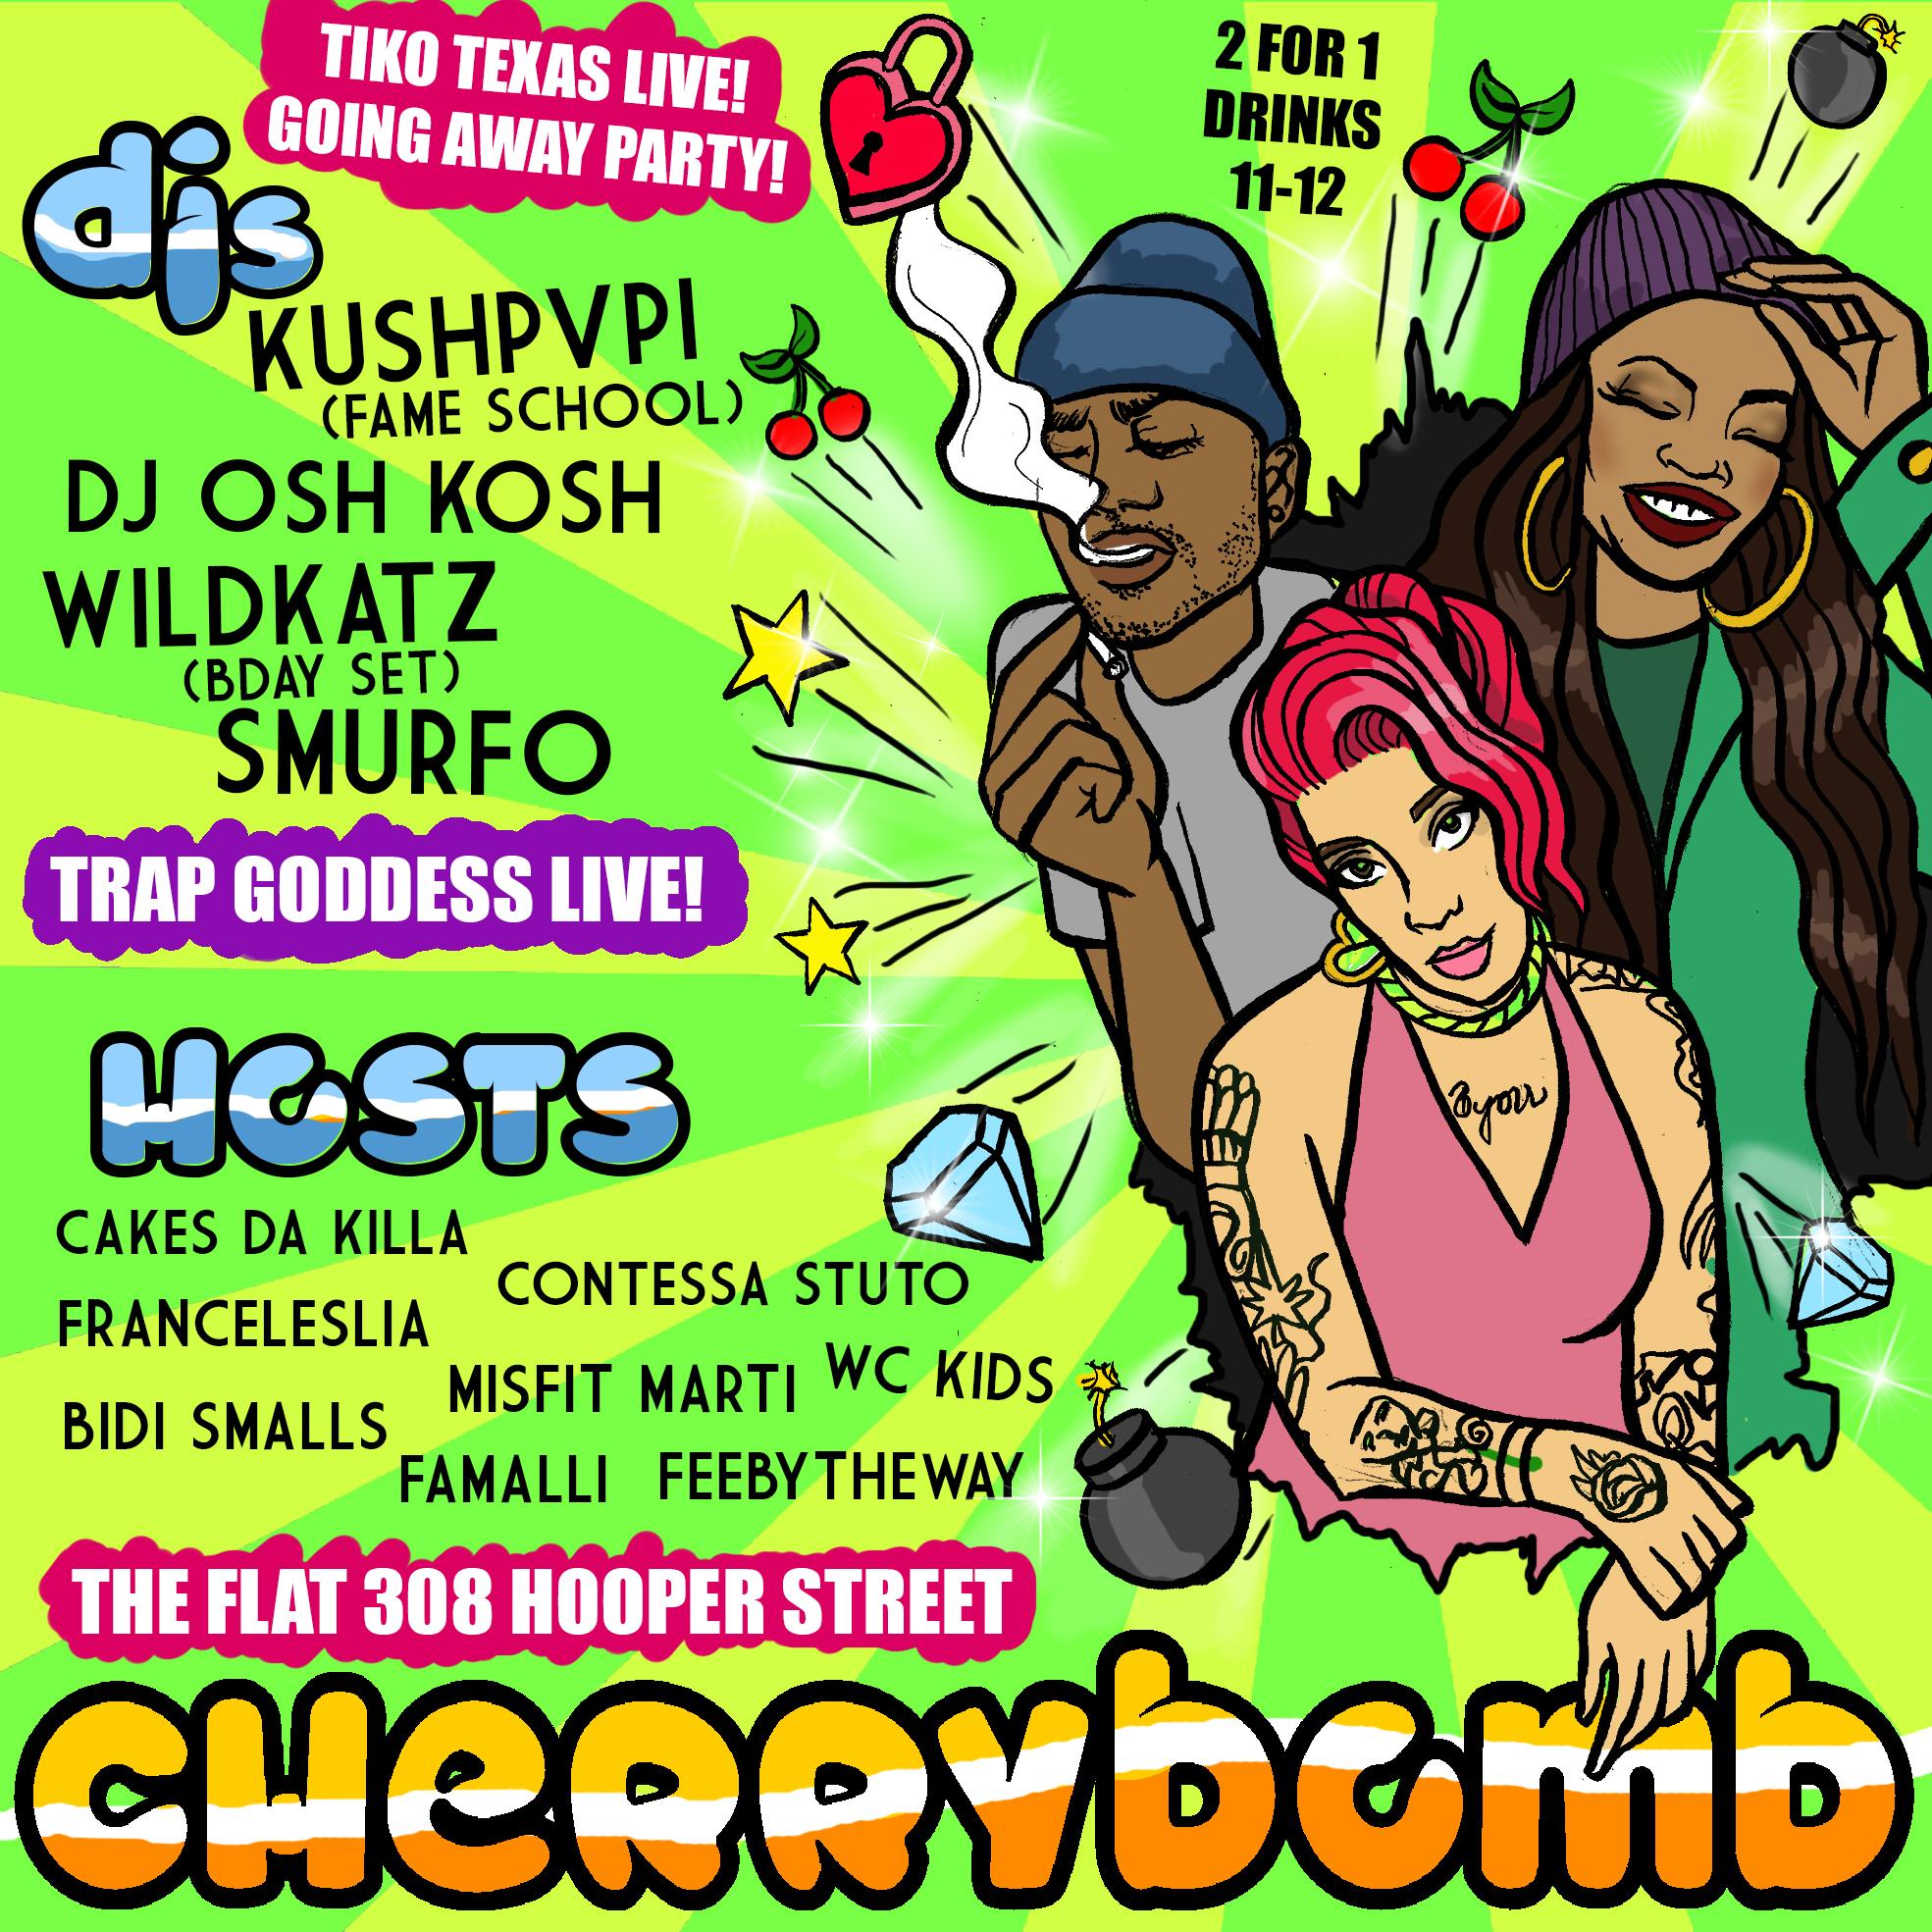 Cherrybomb 3.06.15